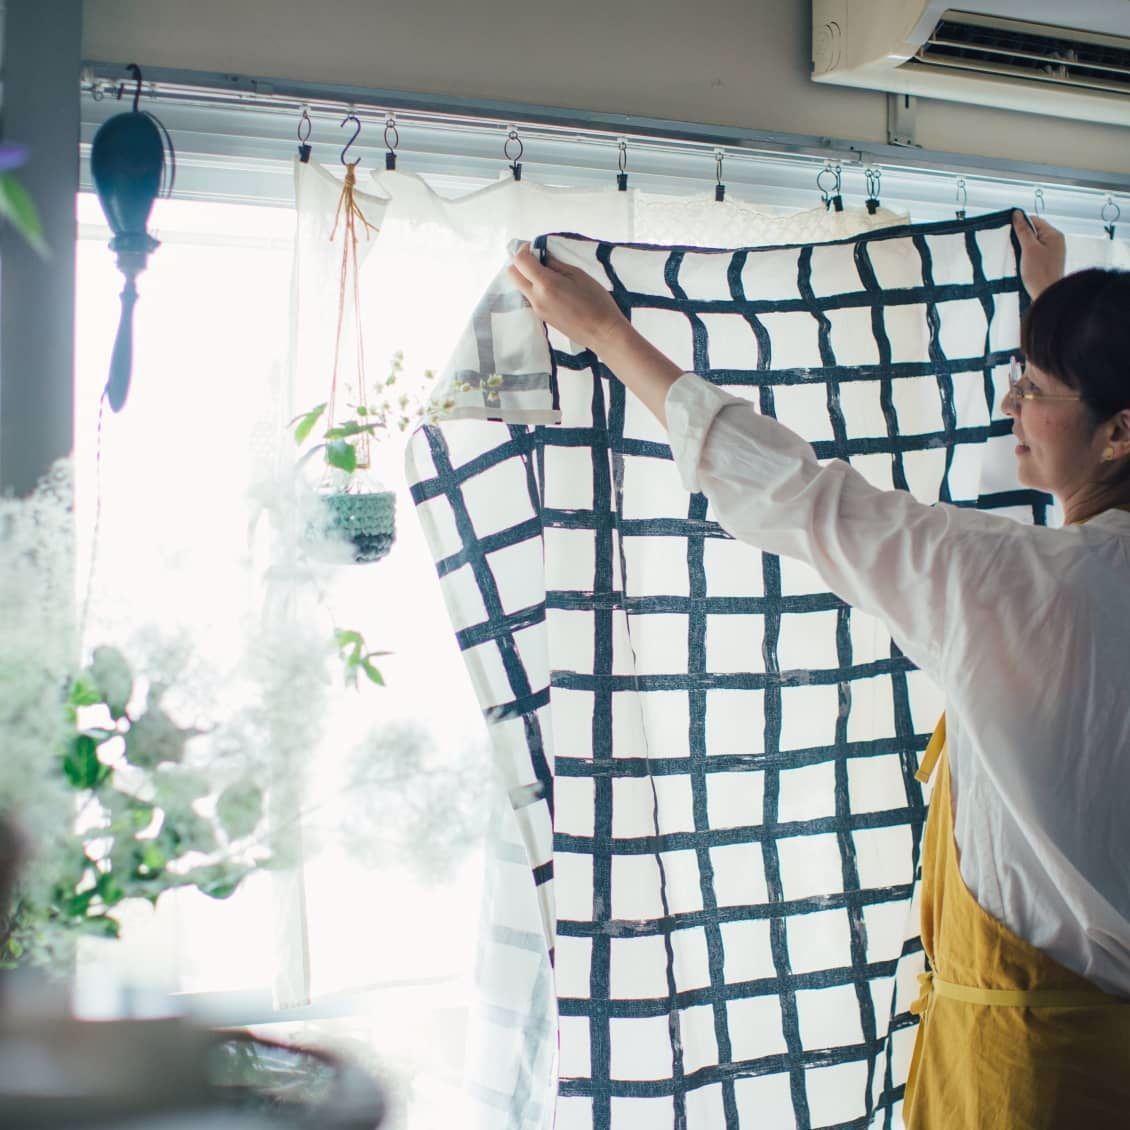 既製のカーテンは使わなくて良い 窓辺インテリアのアイデア 北欧